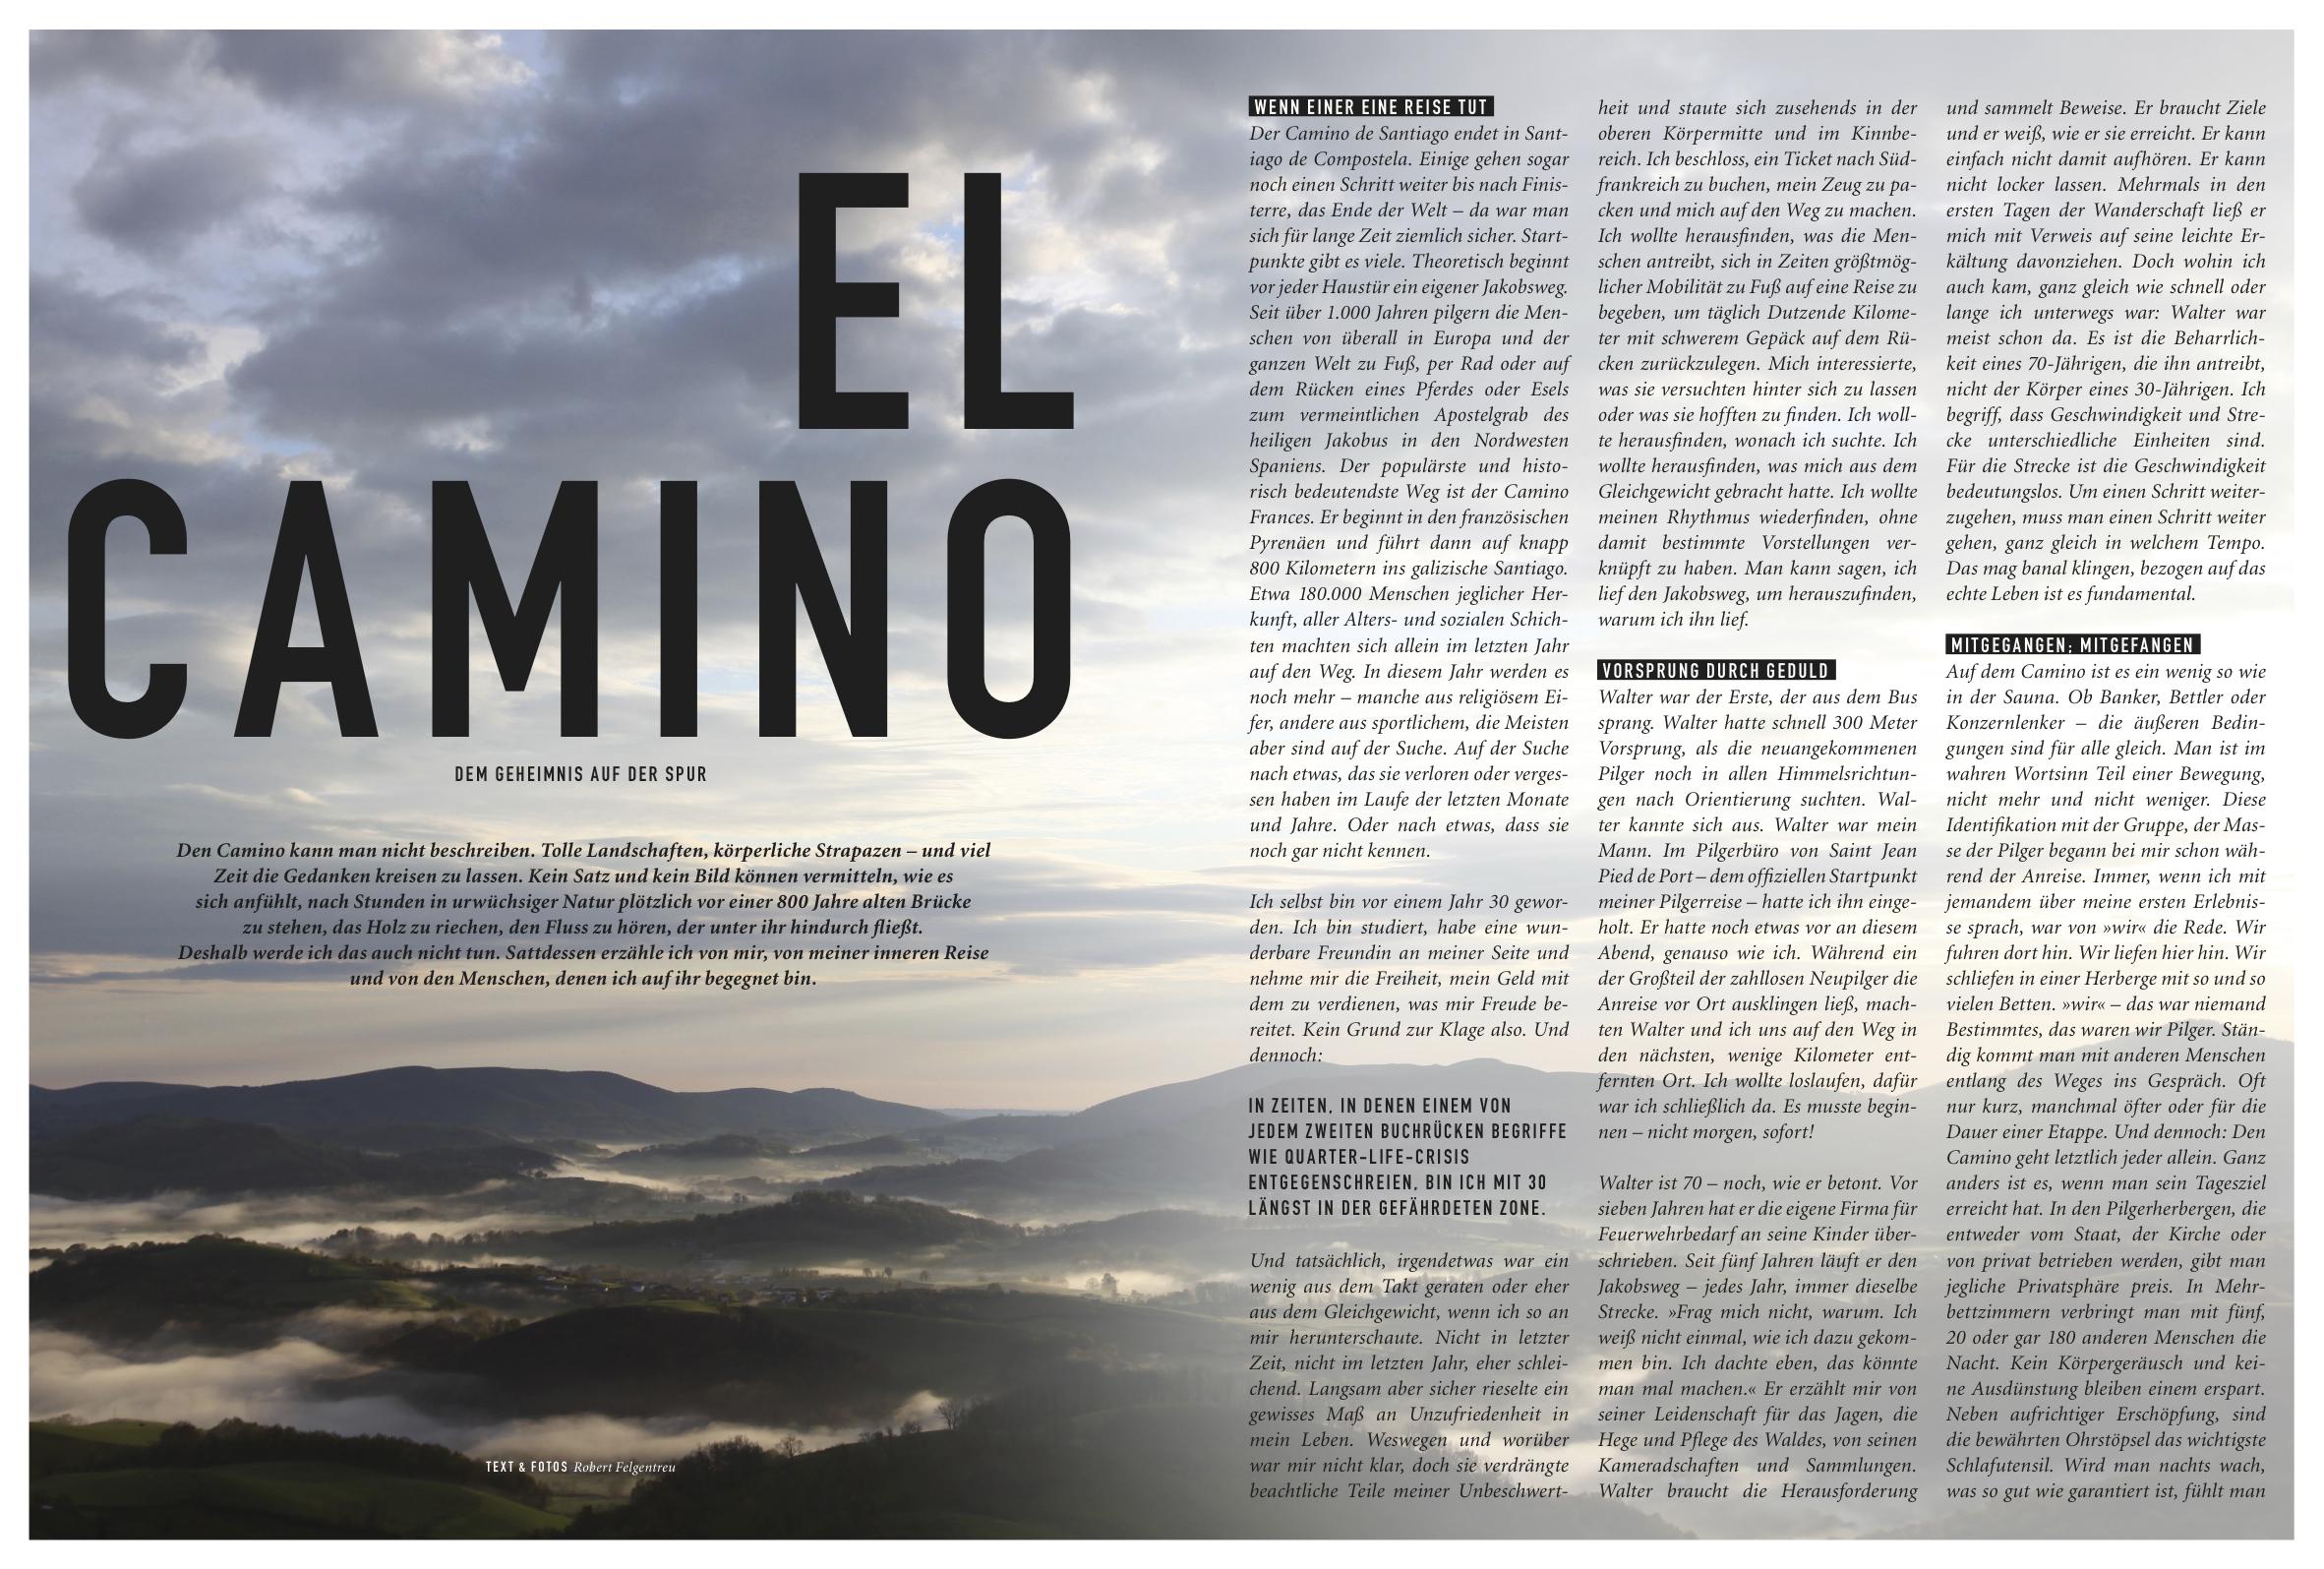 Paeng_Inhalt_Ausgabe02_elcamino_01